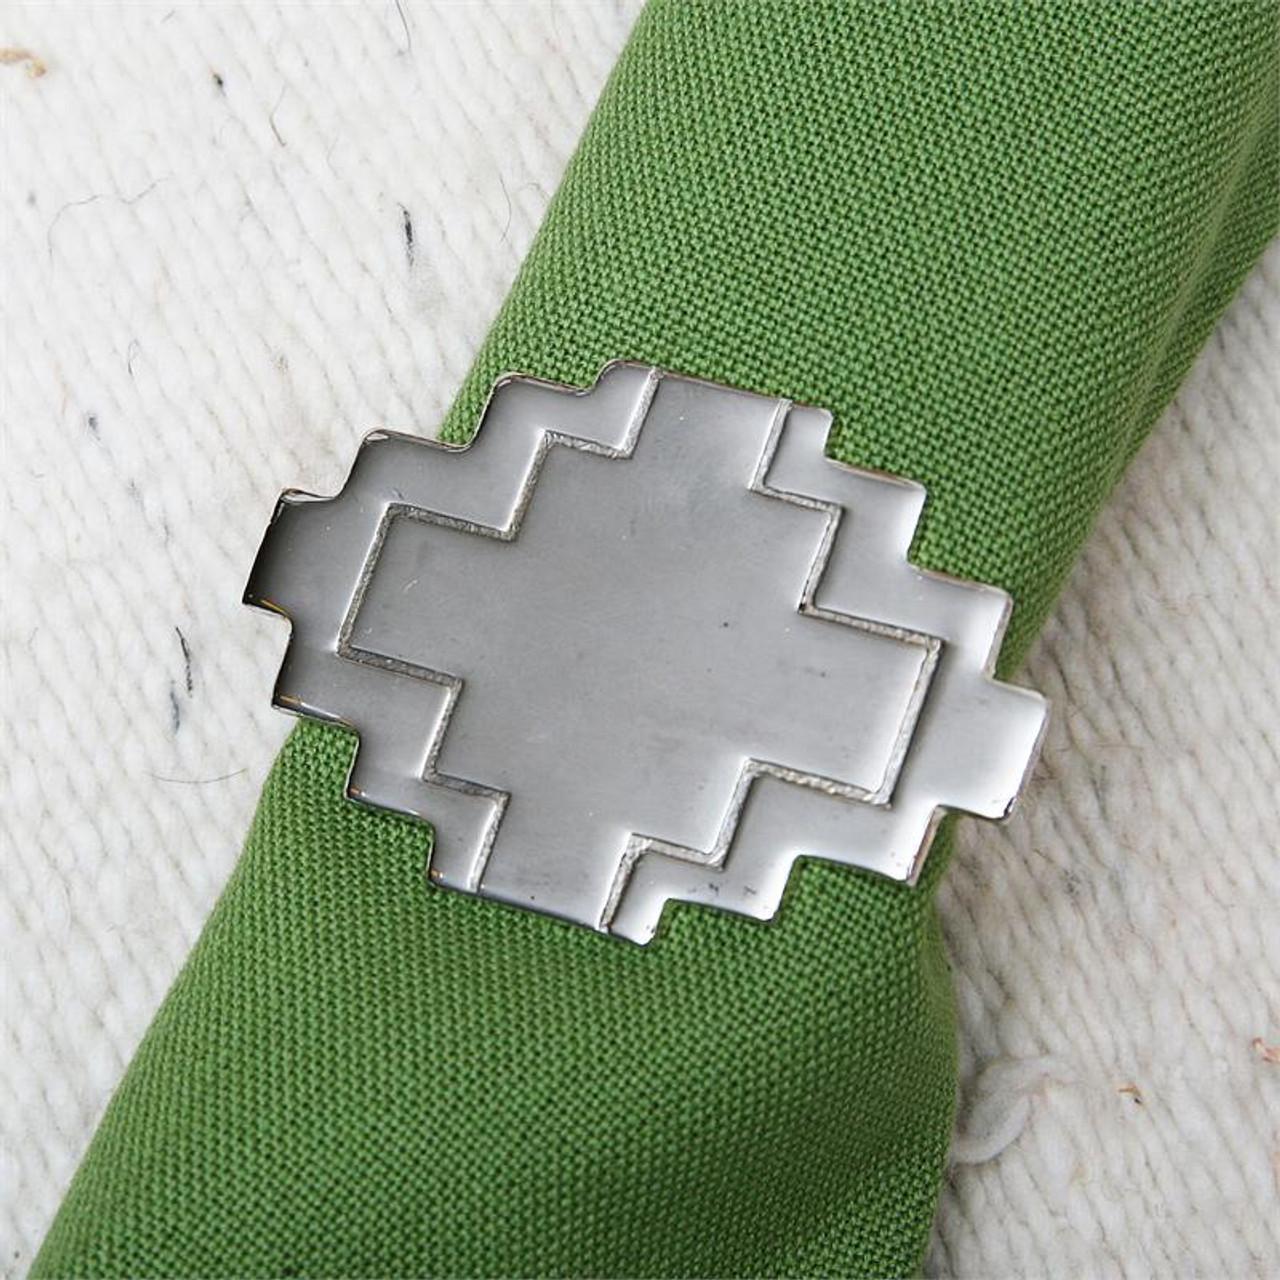 Adobe Silver Napkin Ring